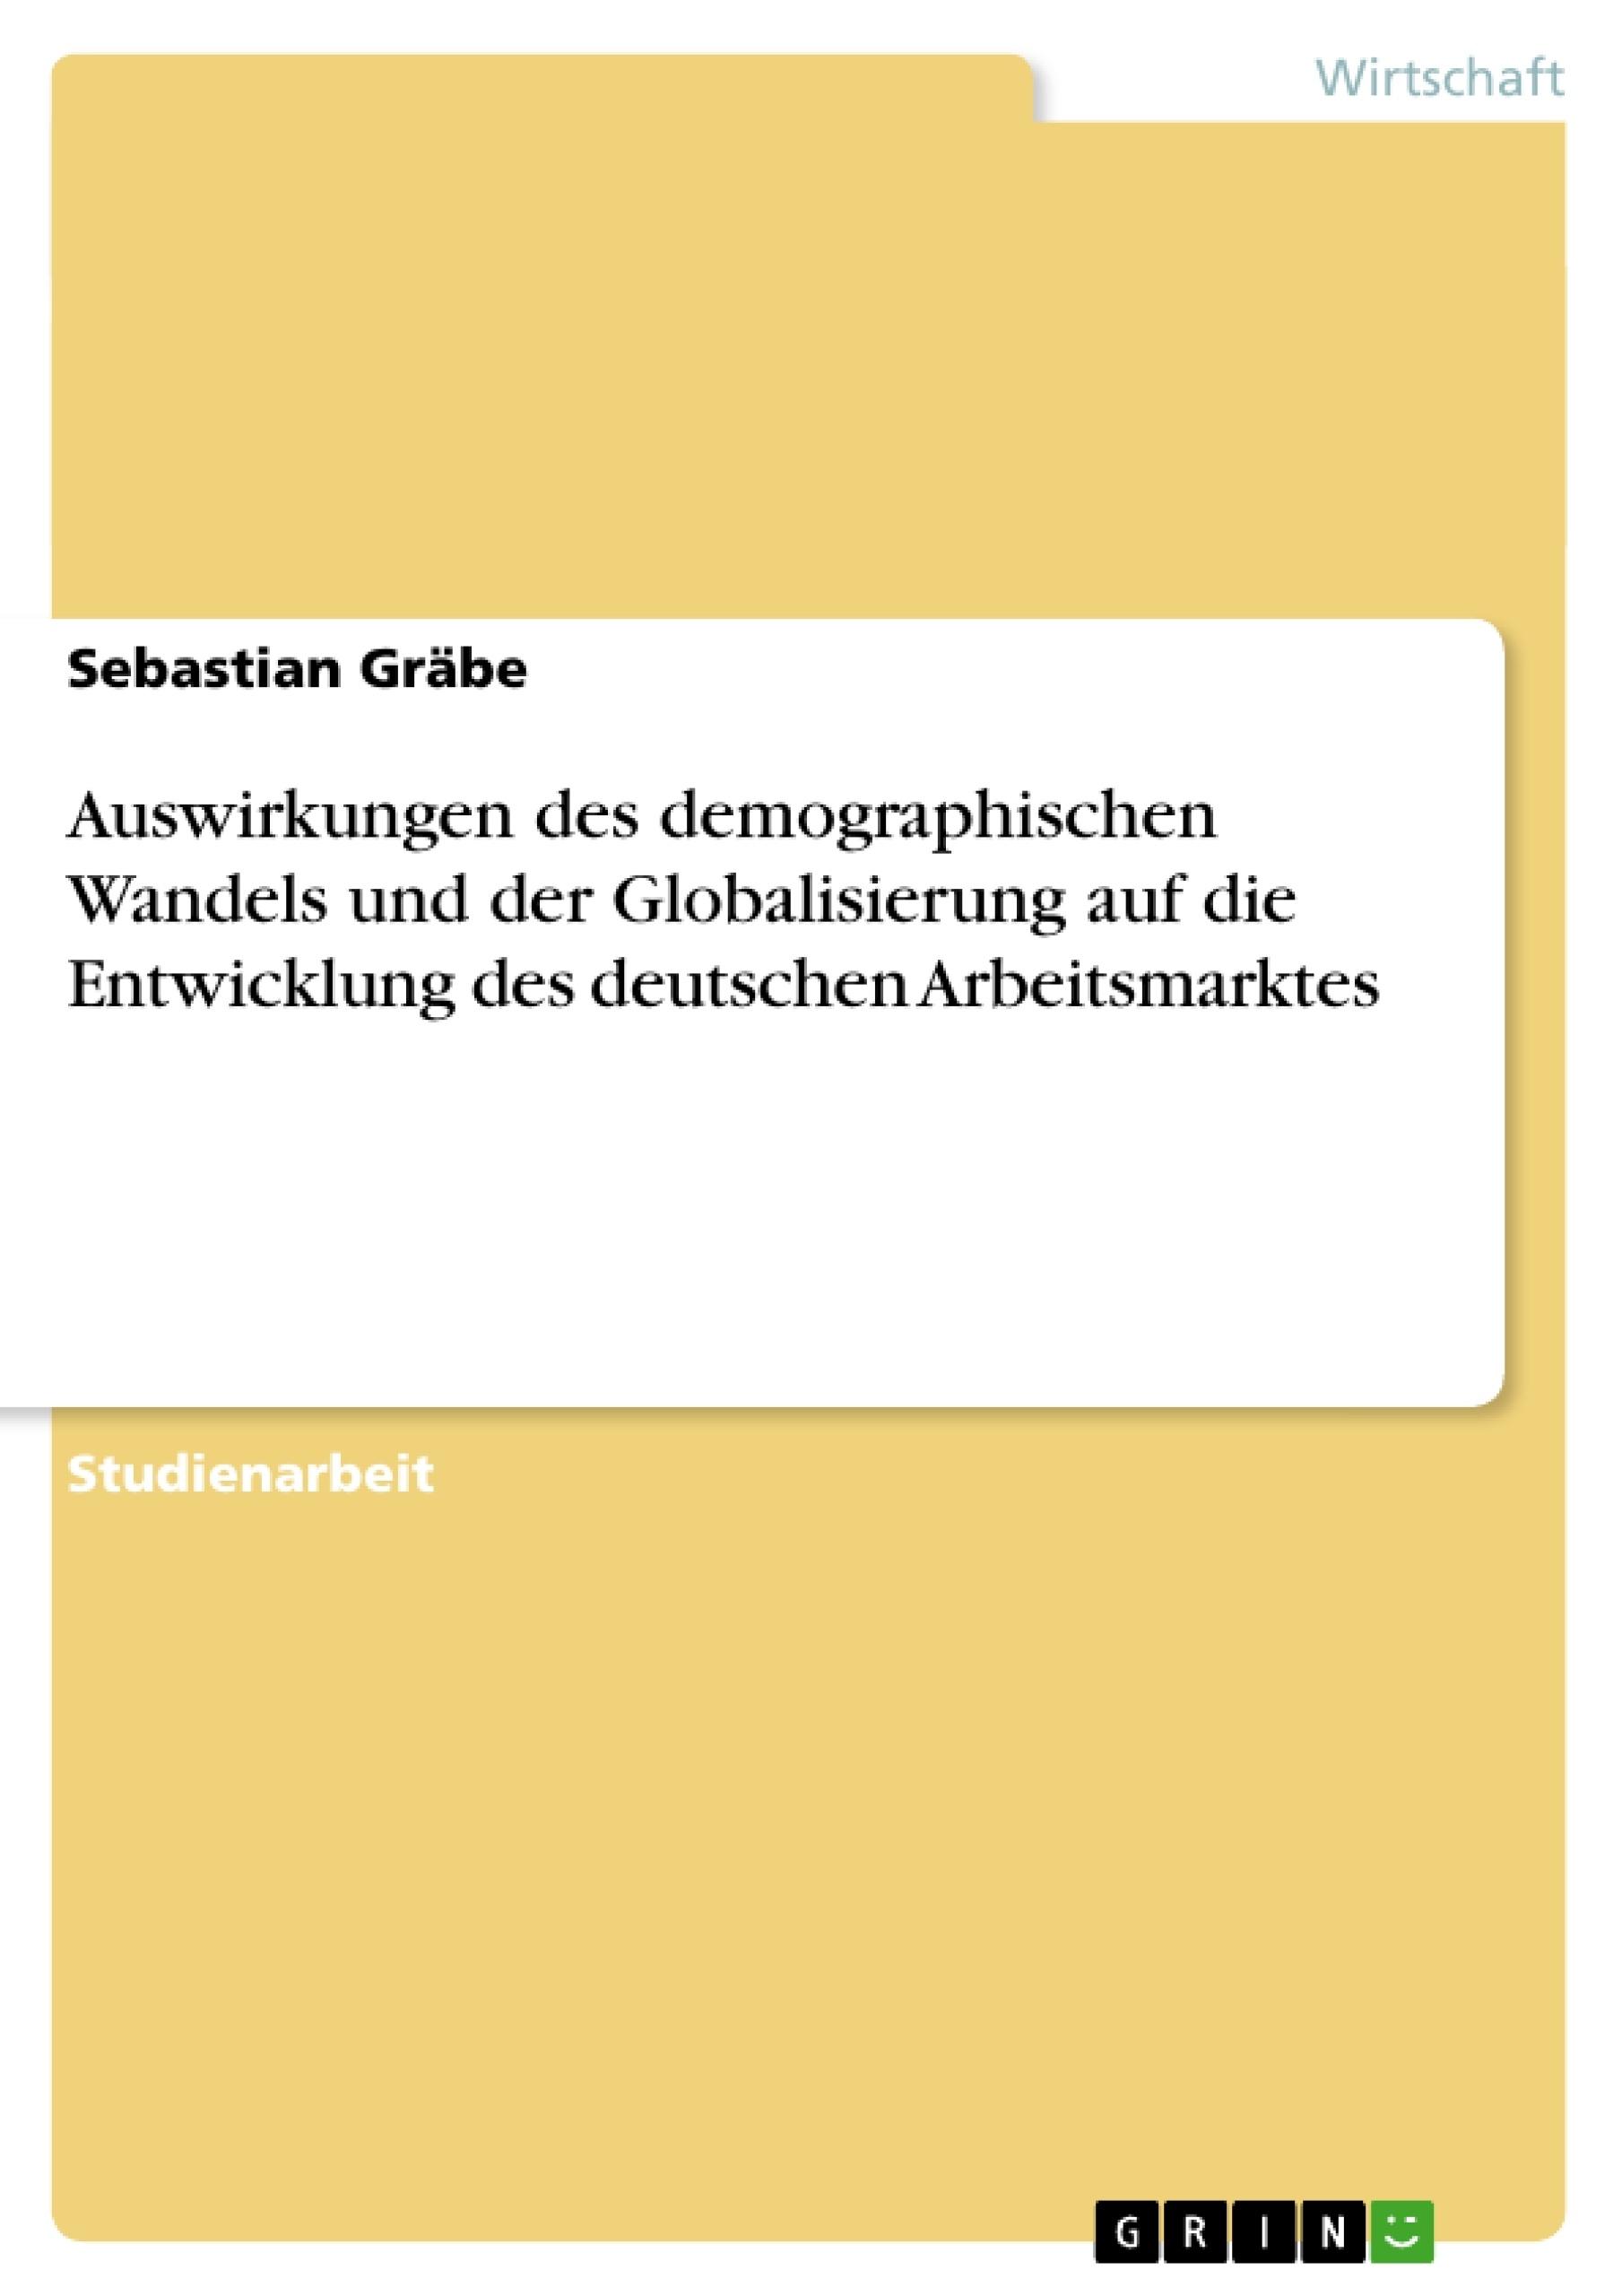 Titel: Auswirkungen des demographischen Wandels und der Globalisierung auf die Entwicklung des deutschen Arbeitsmarktes